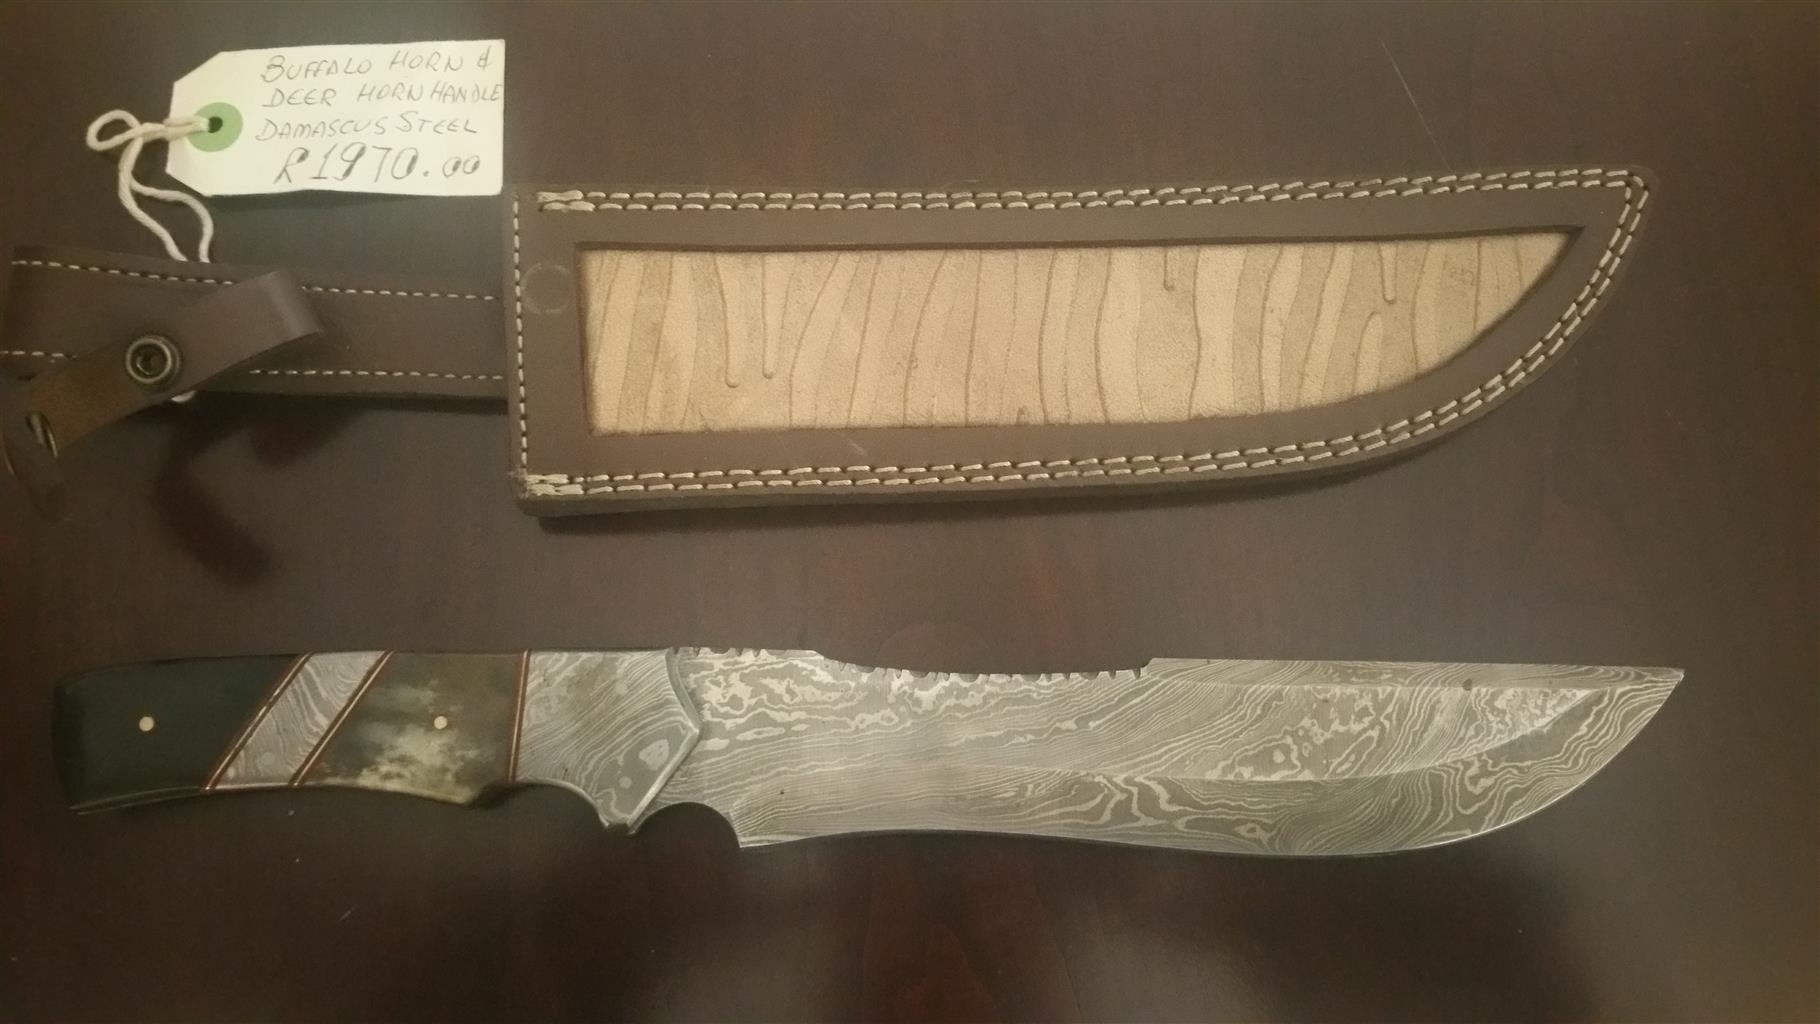 Damascus knifes